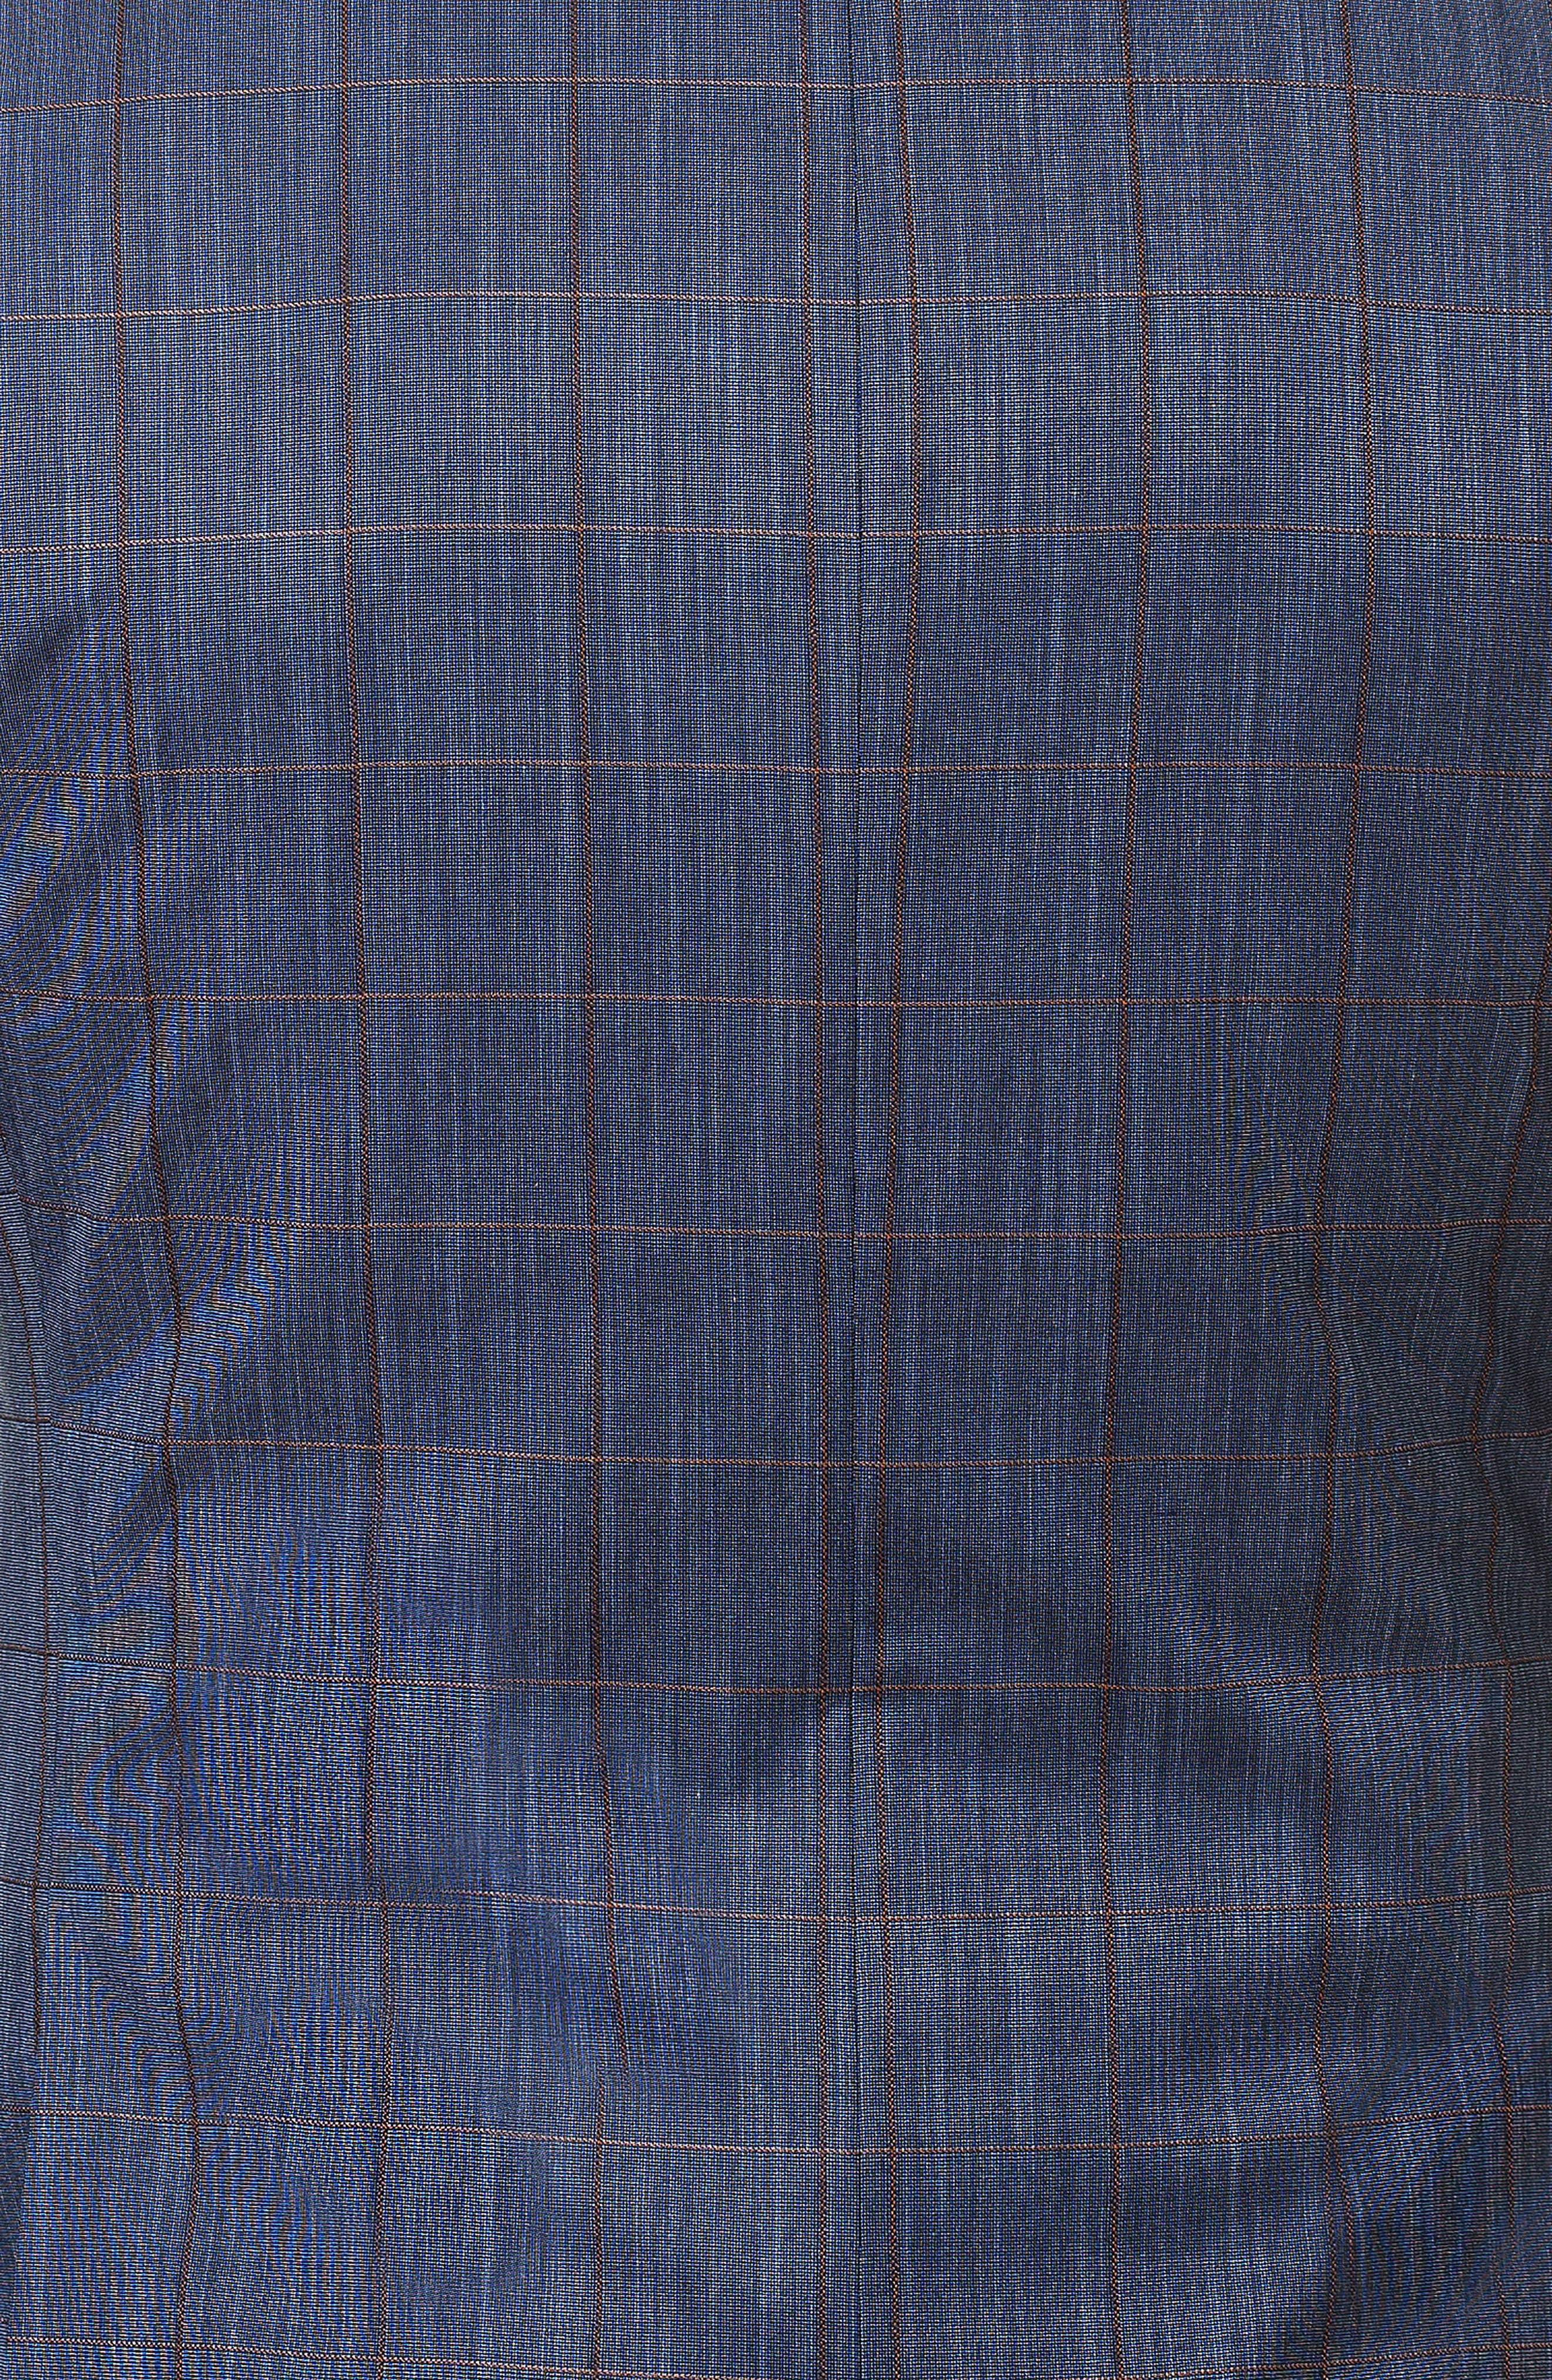 Descartes Check Linen & Cotton Blend Sport Coat,                             Alternate thumbnail 4, color,                             Blue